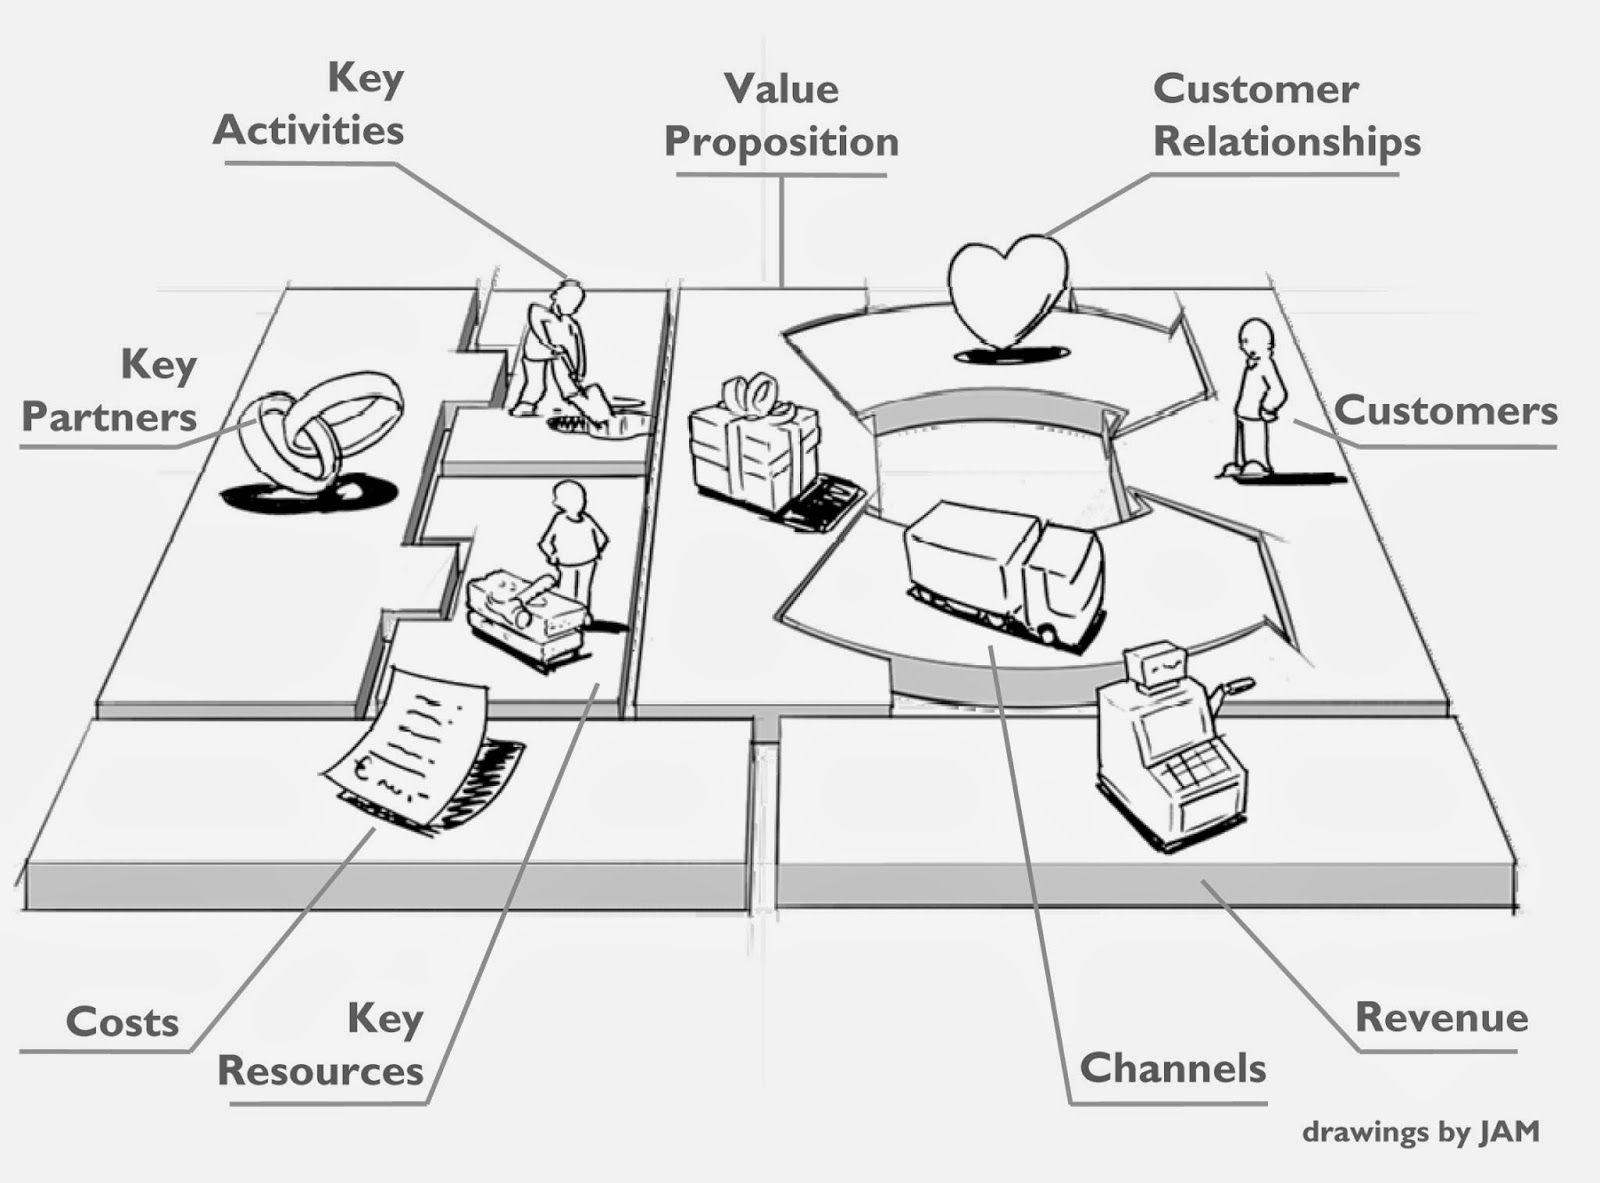 PM行不行 : 新產品經理教戰手冊: 產品經理如何為顧客「創造價值」?